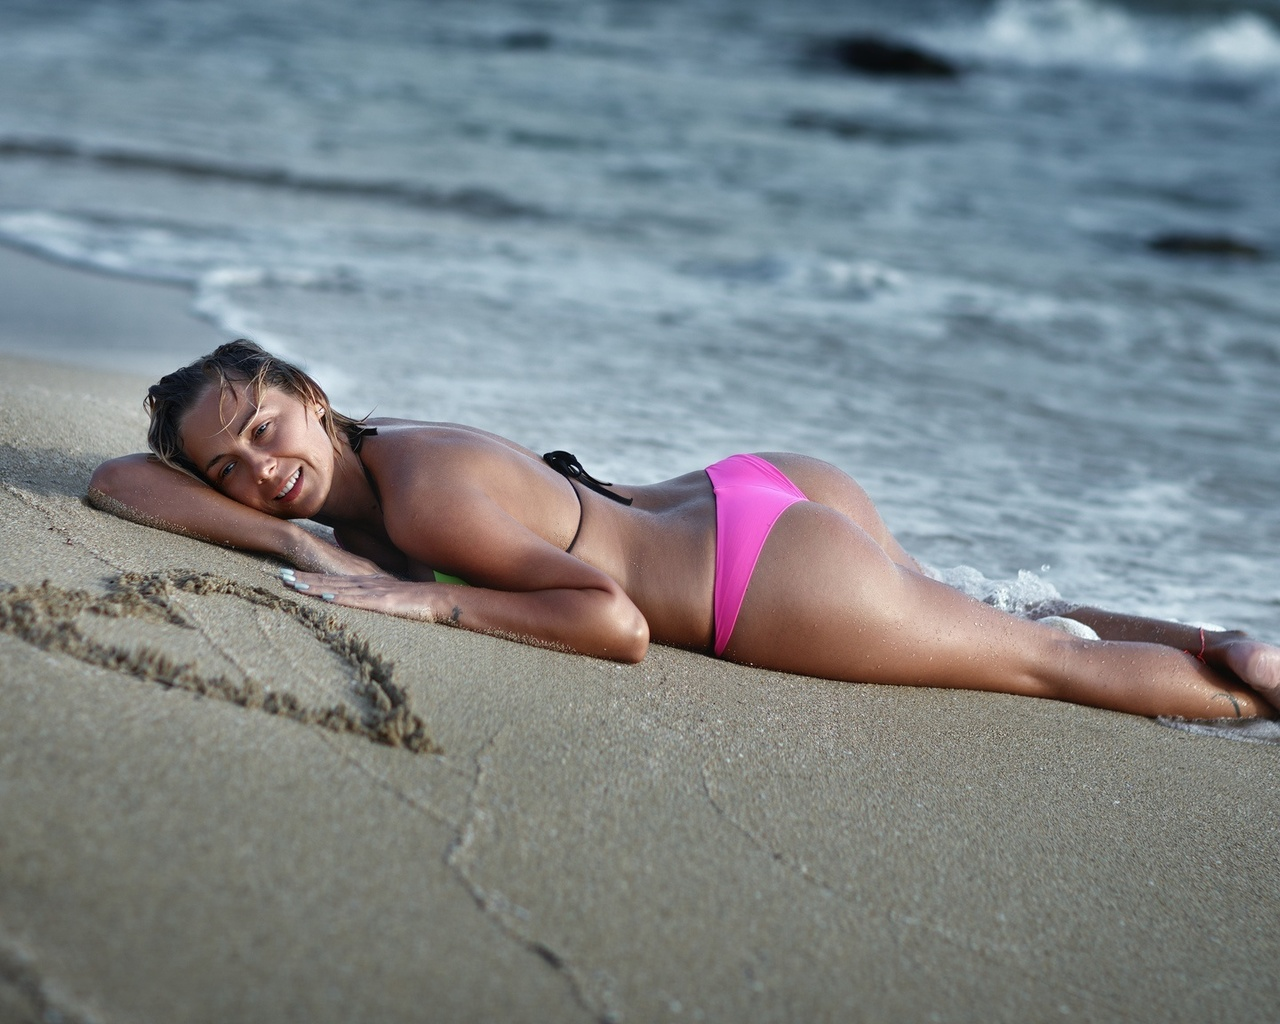 Пьяные голые девочки на пляже, Подборка: Приколы с пьяными девушками - видео 23 фотография